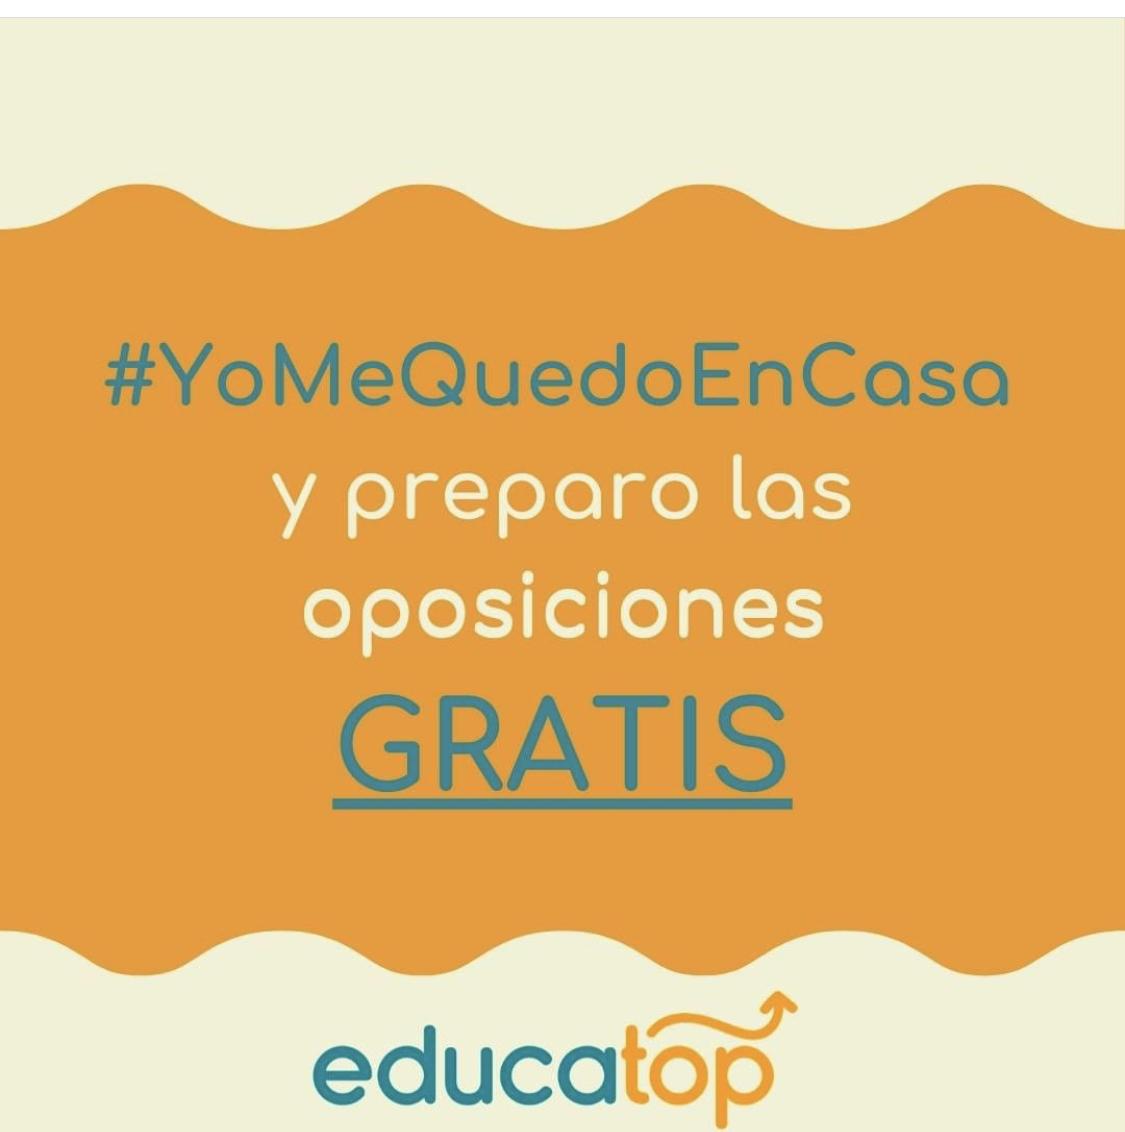 Educatop. Acceso online durante un mes a cursos y oposiciones gratis. Y 70% en el resto de mensualidades!!!!!